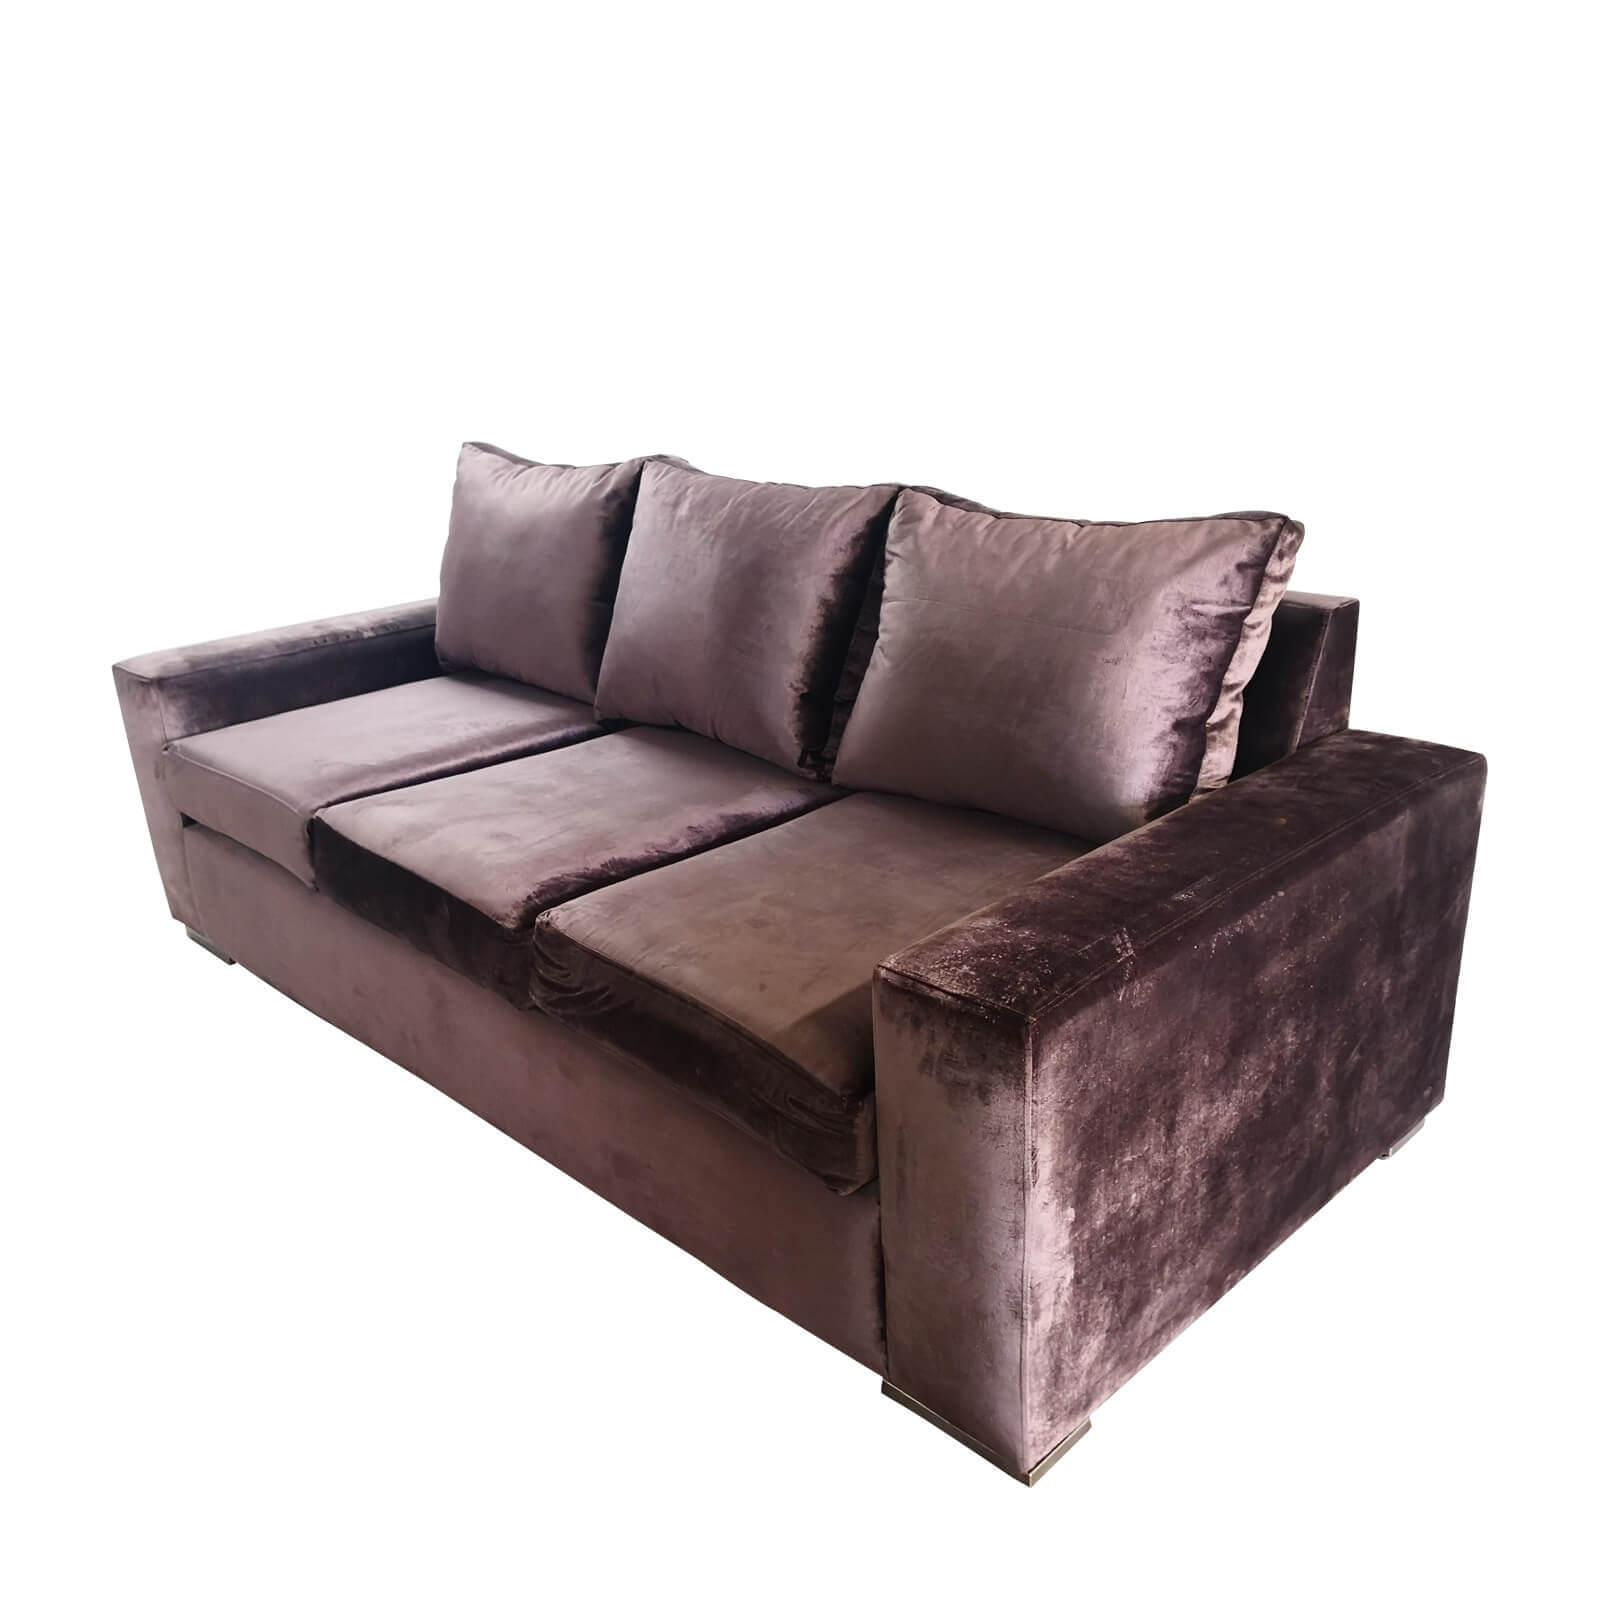 Grey velvet sofa custom made